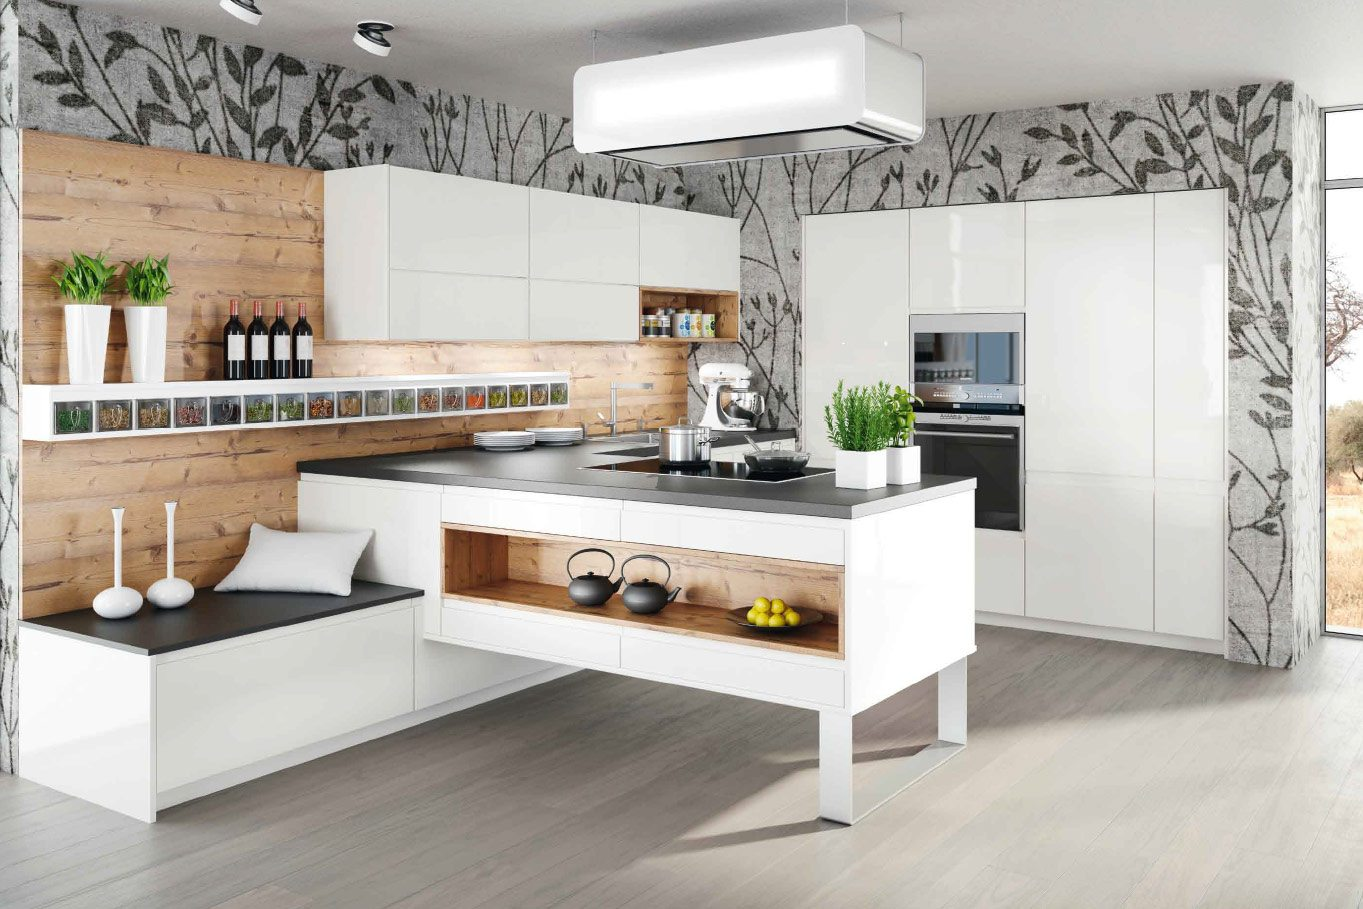 Keuken 3d ontwerpen: keuken ontwerpen ontwerp een nieuwe.